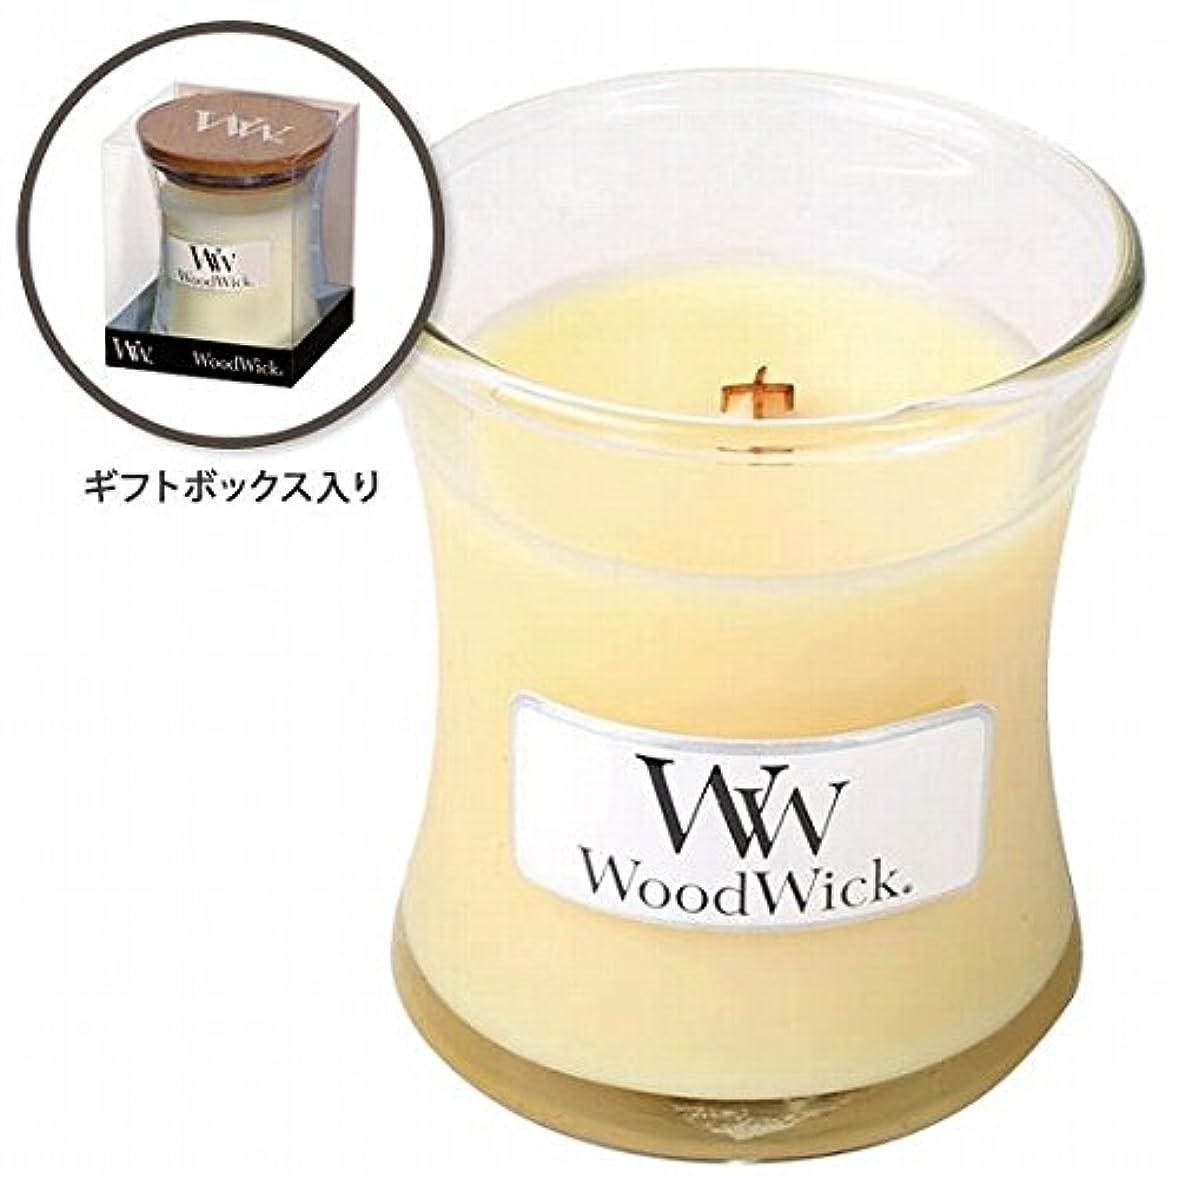 遺産ガジュマルビルウッドウィック( WoodWick ) Wood WickジャーS 「レモングラス&リリー」